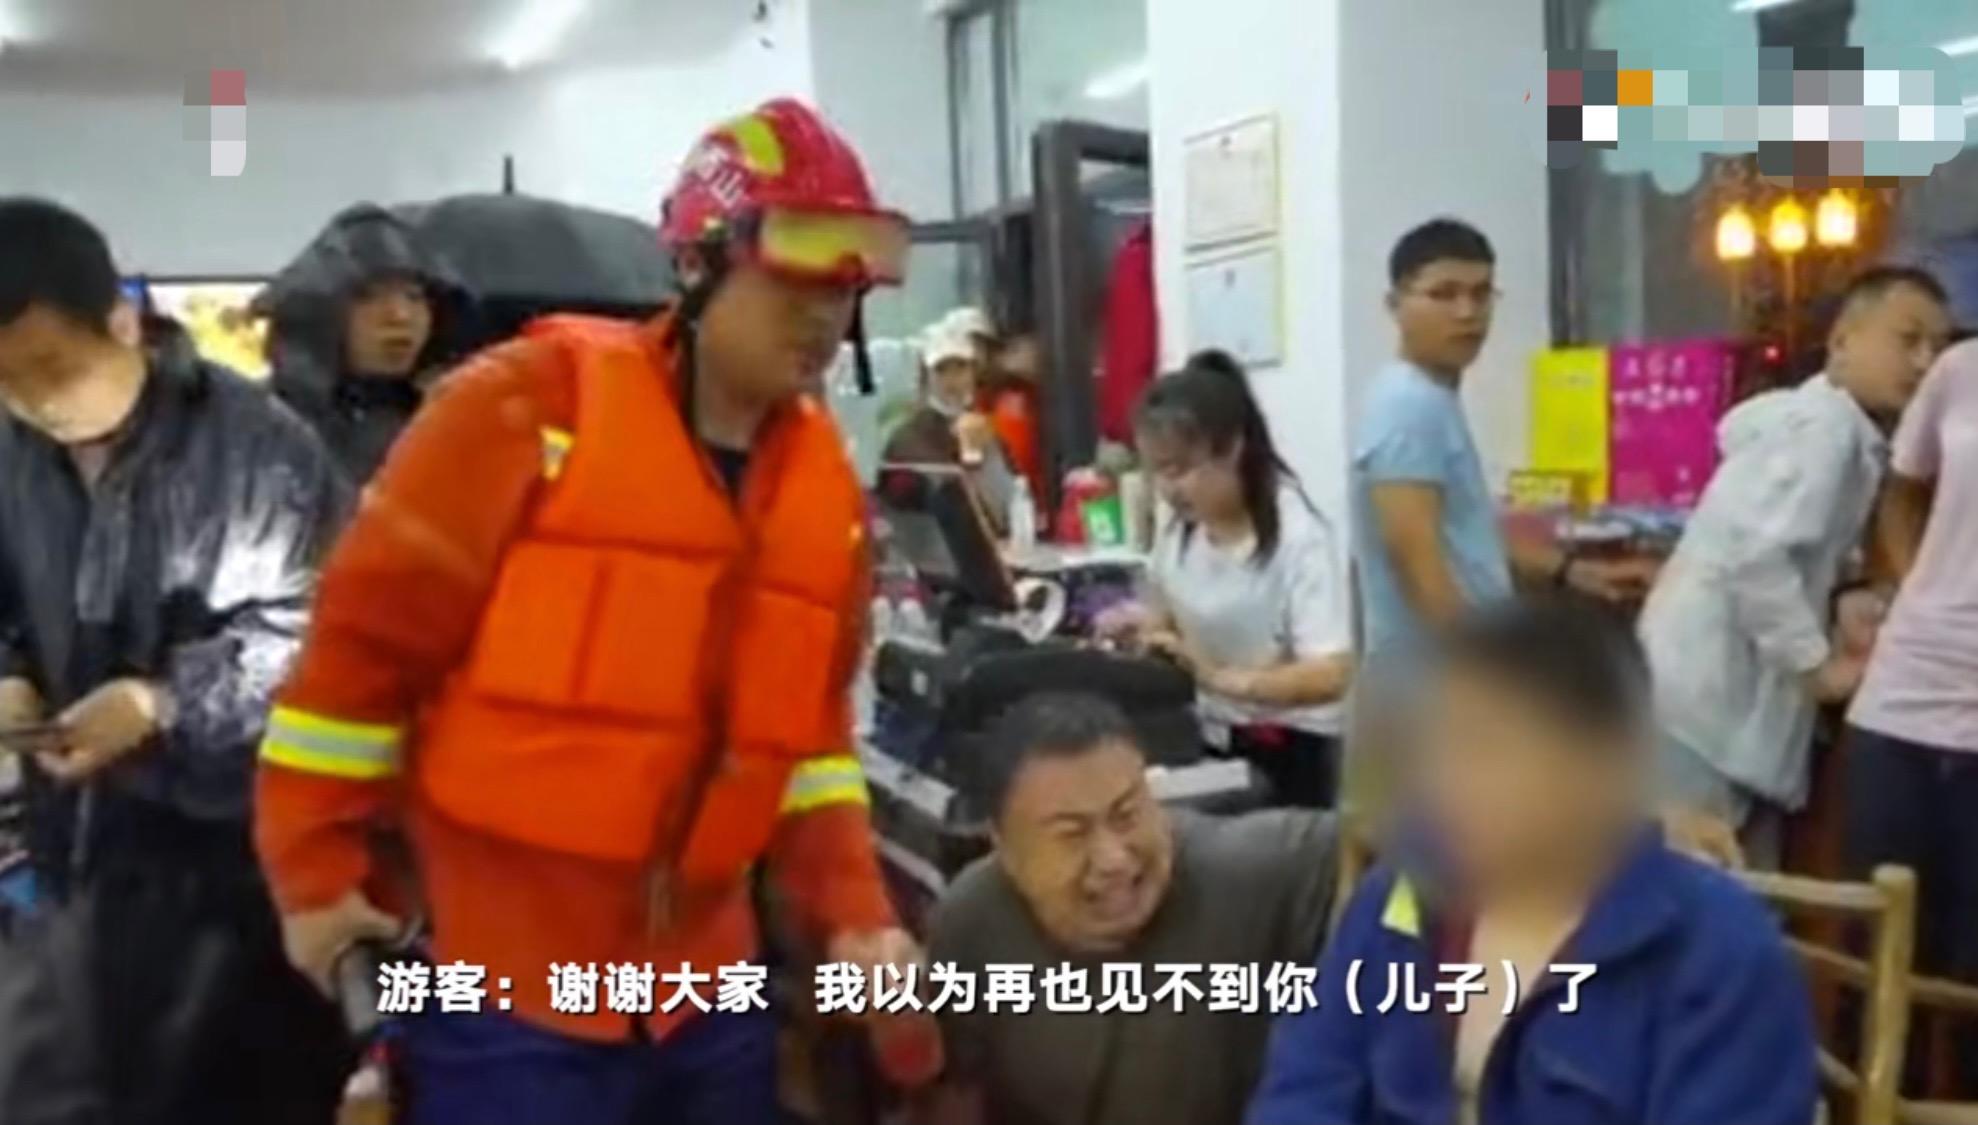 消防员救出被暴雨围困的男孩,父亲哭着下跪感谢:以为再也见不到儿子了